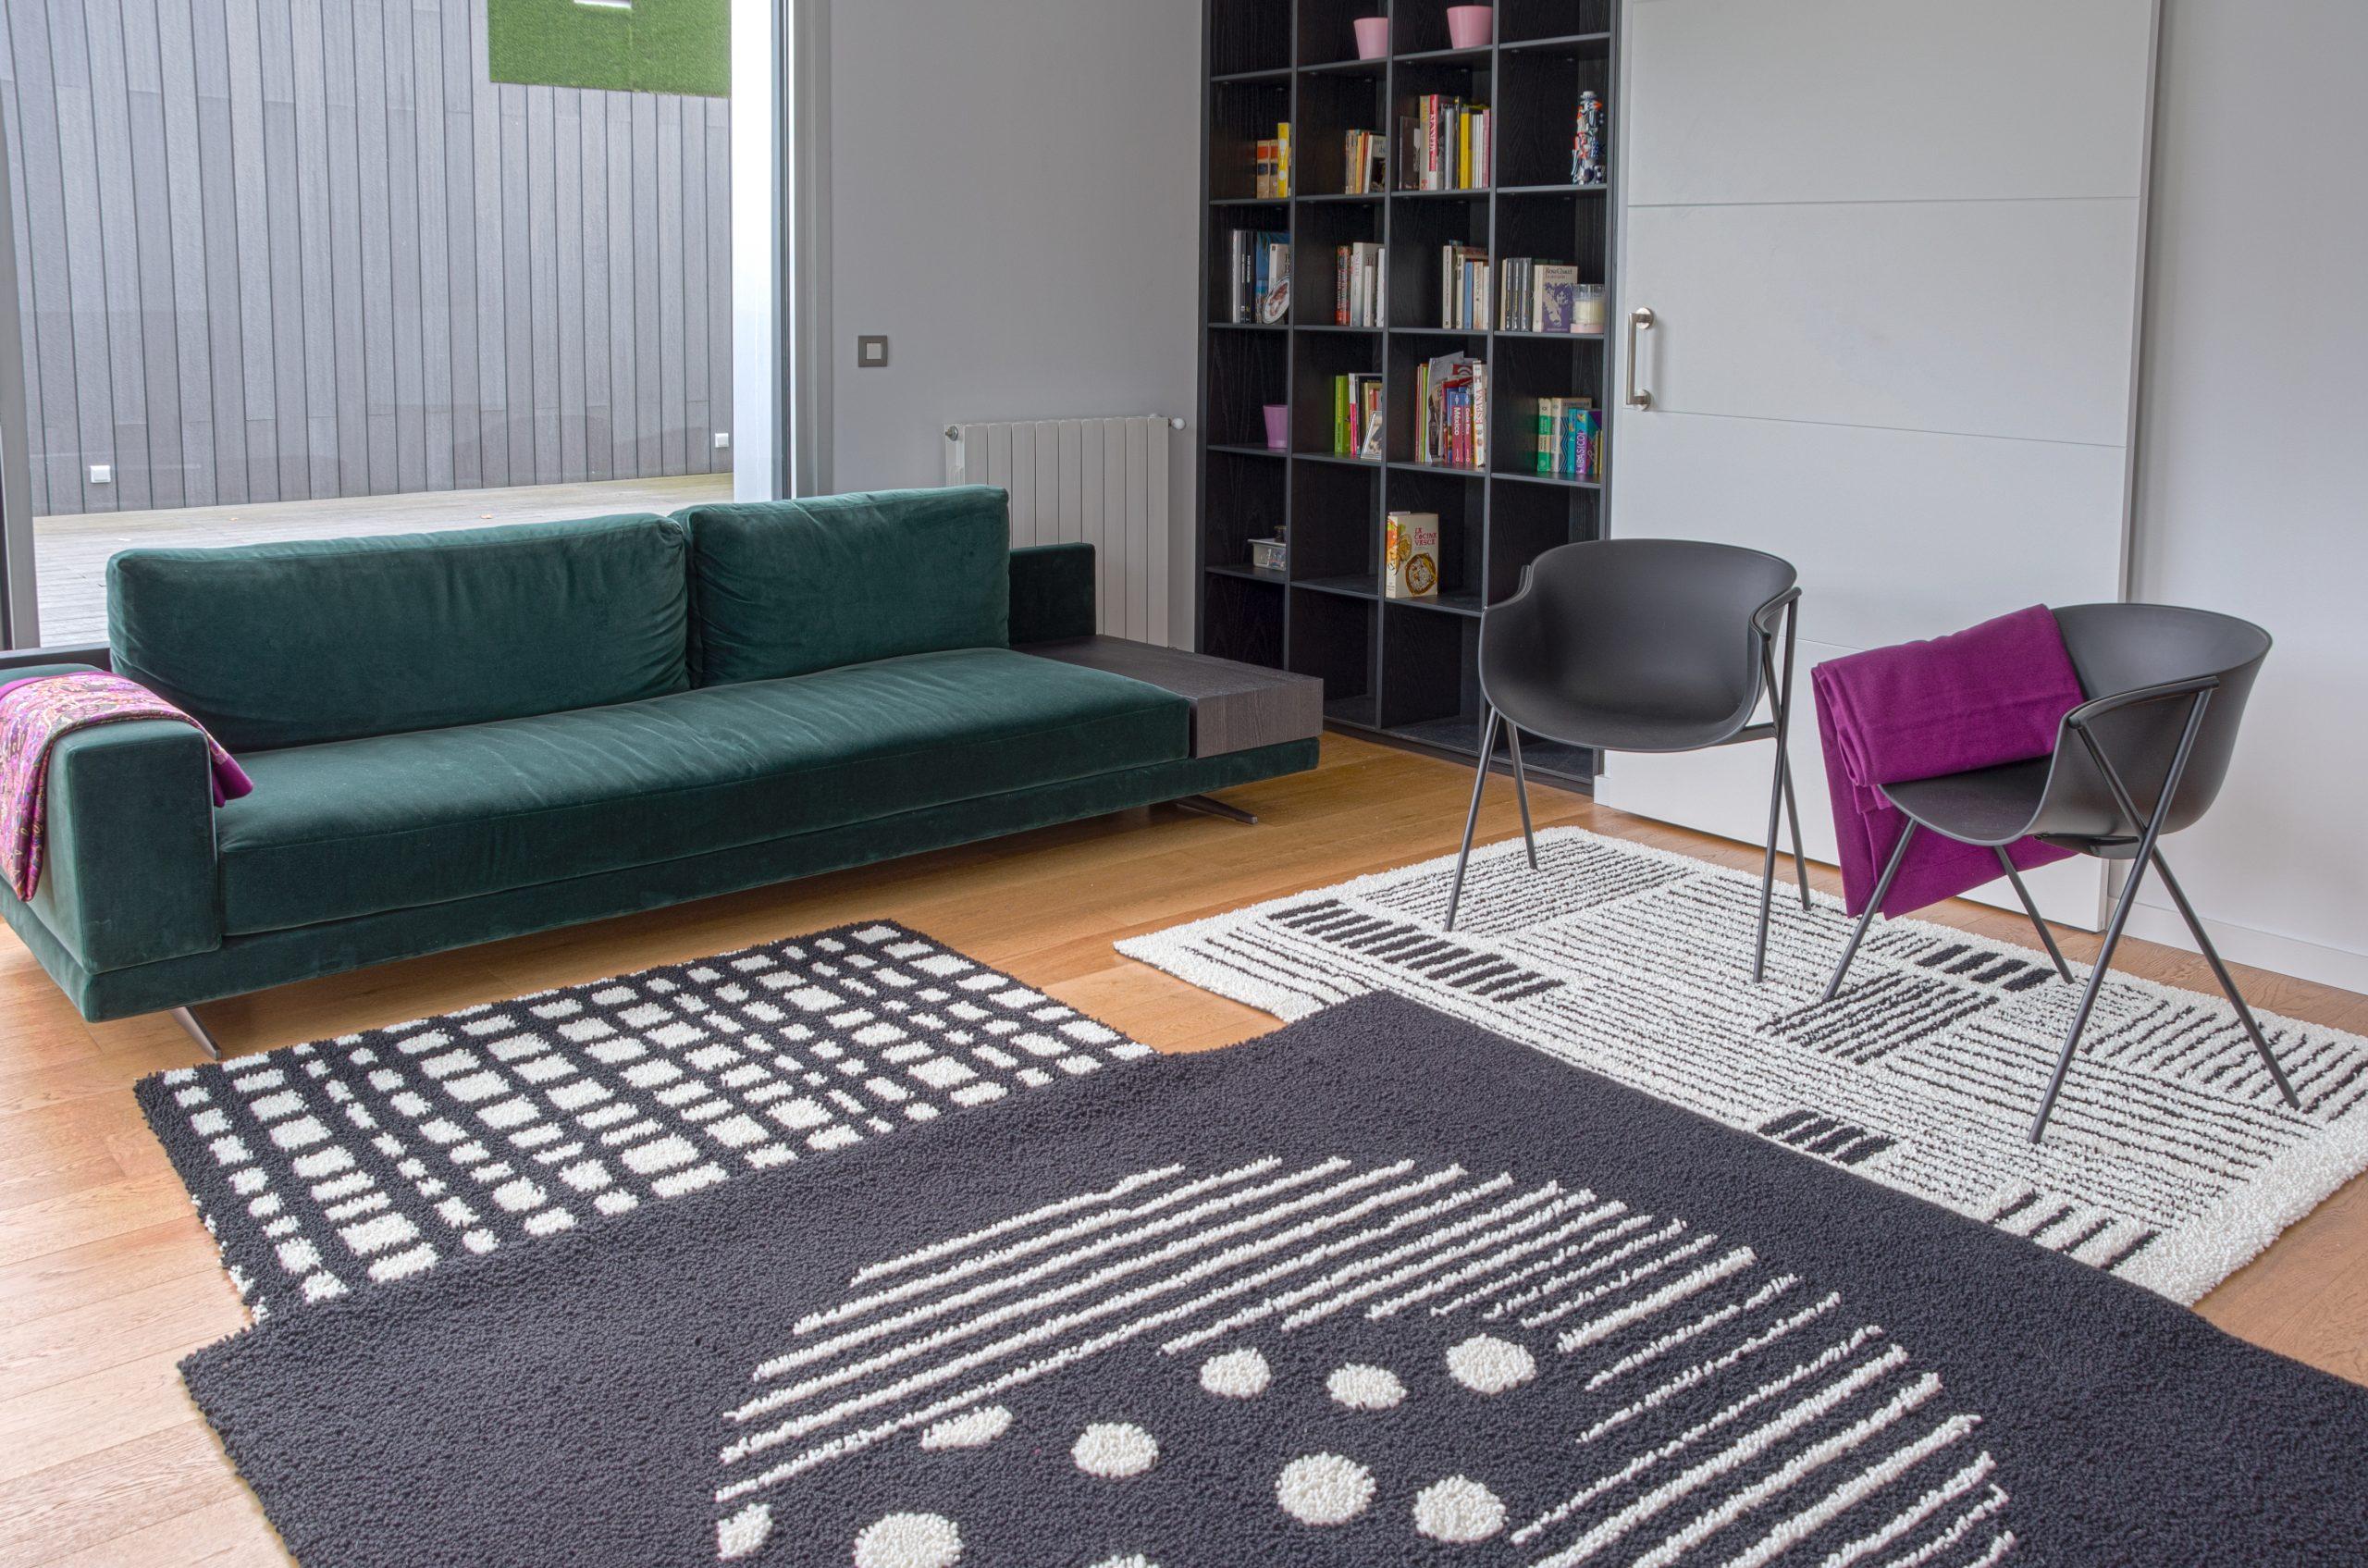 alfombras superpuestas para salon